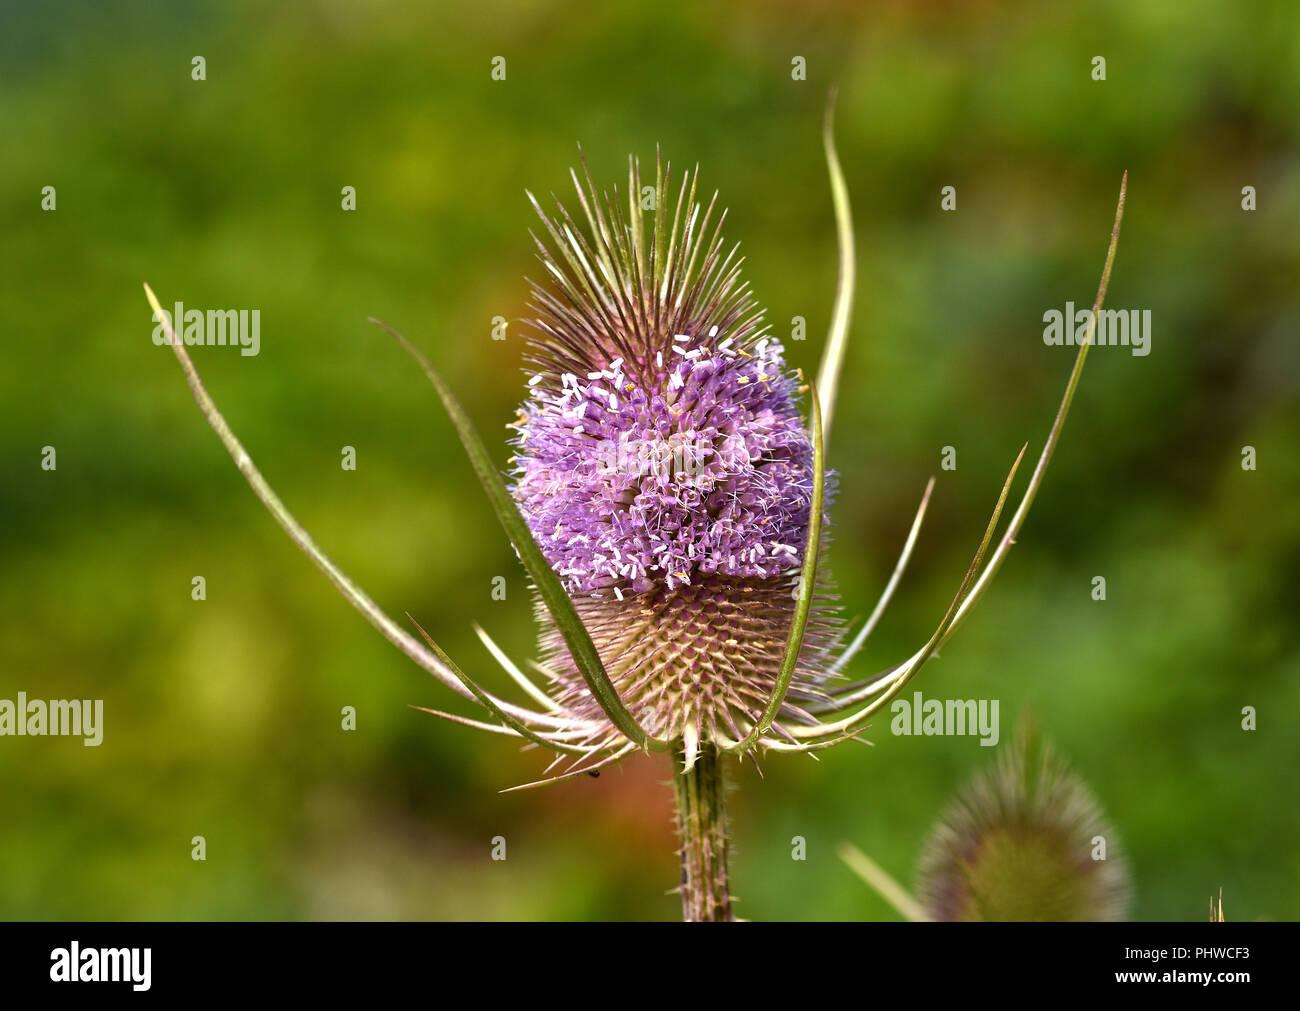 fuller's teasel, wild teasel, - Stock Image